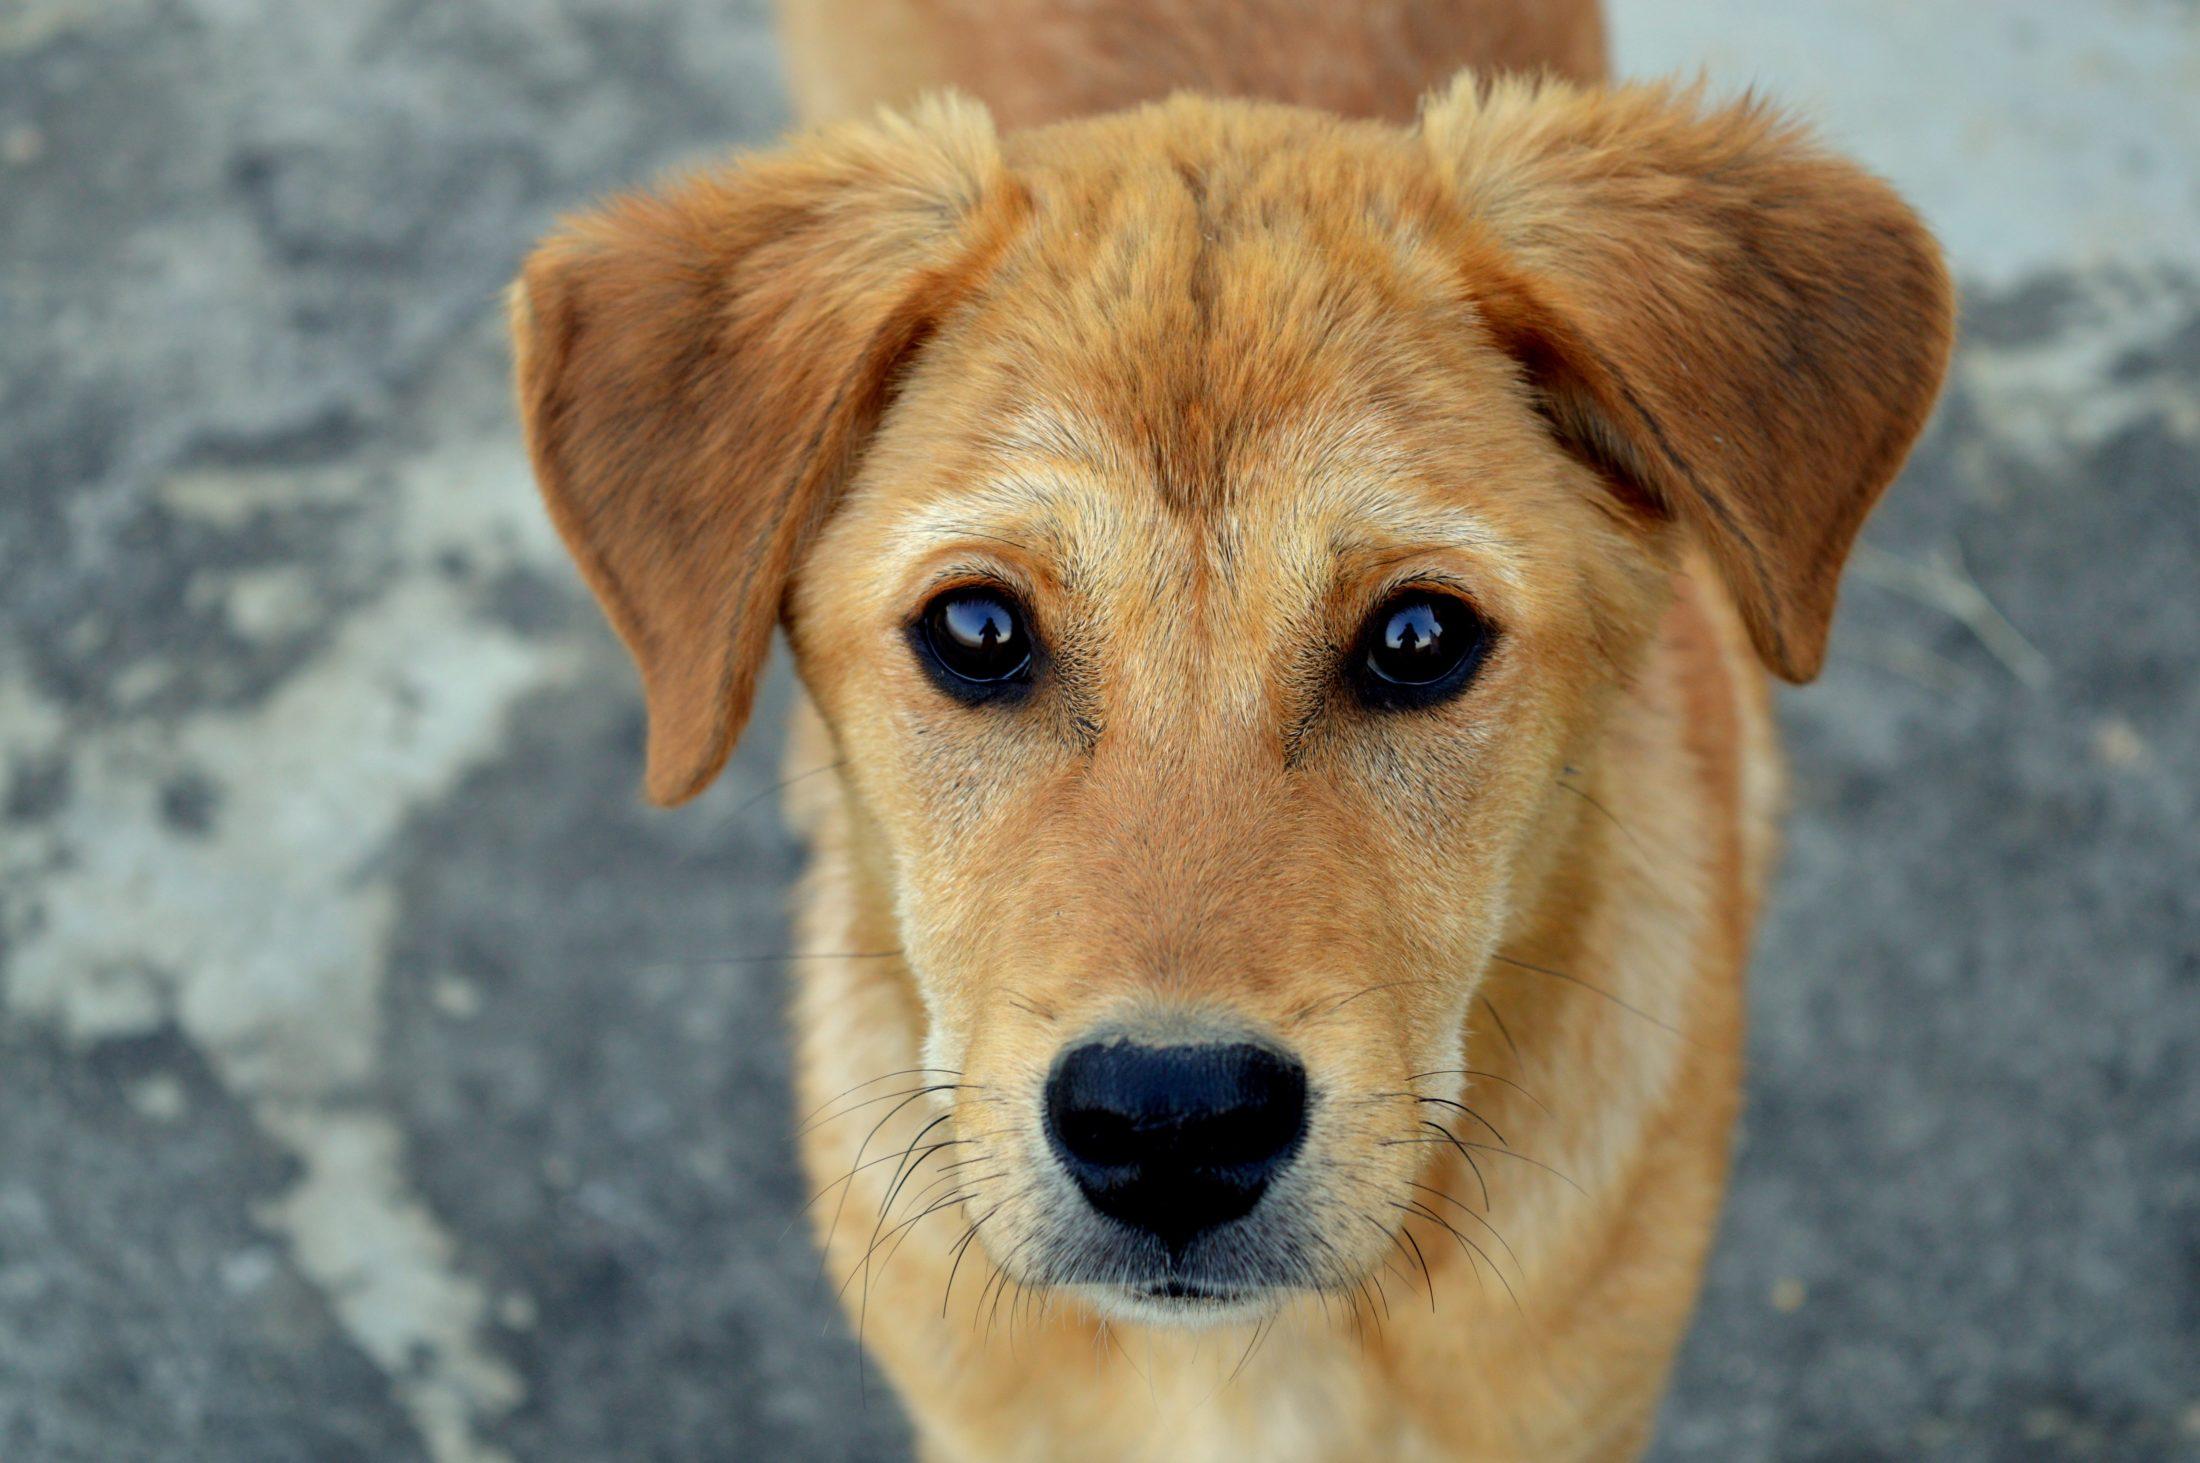 Há várias maneiras de estimular a mente de um cão ensinando comandos básicos e truques.